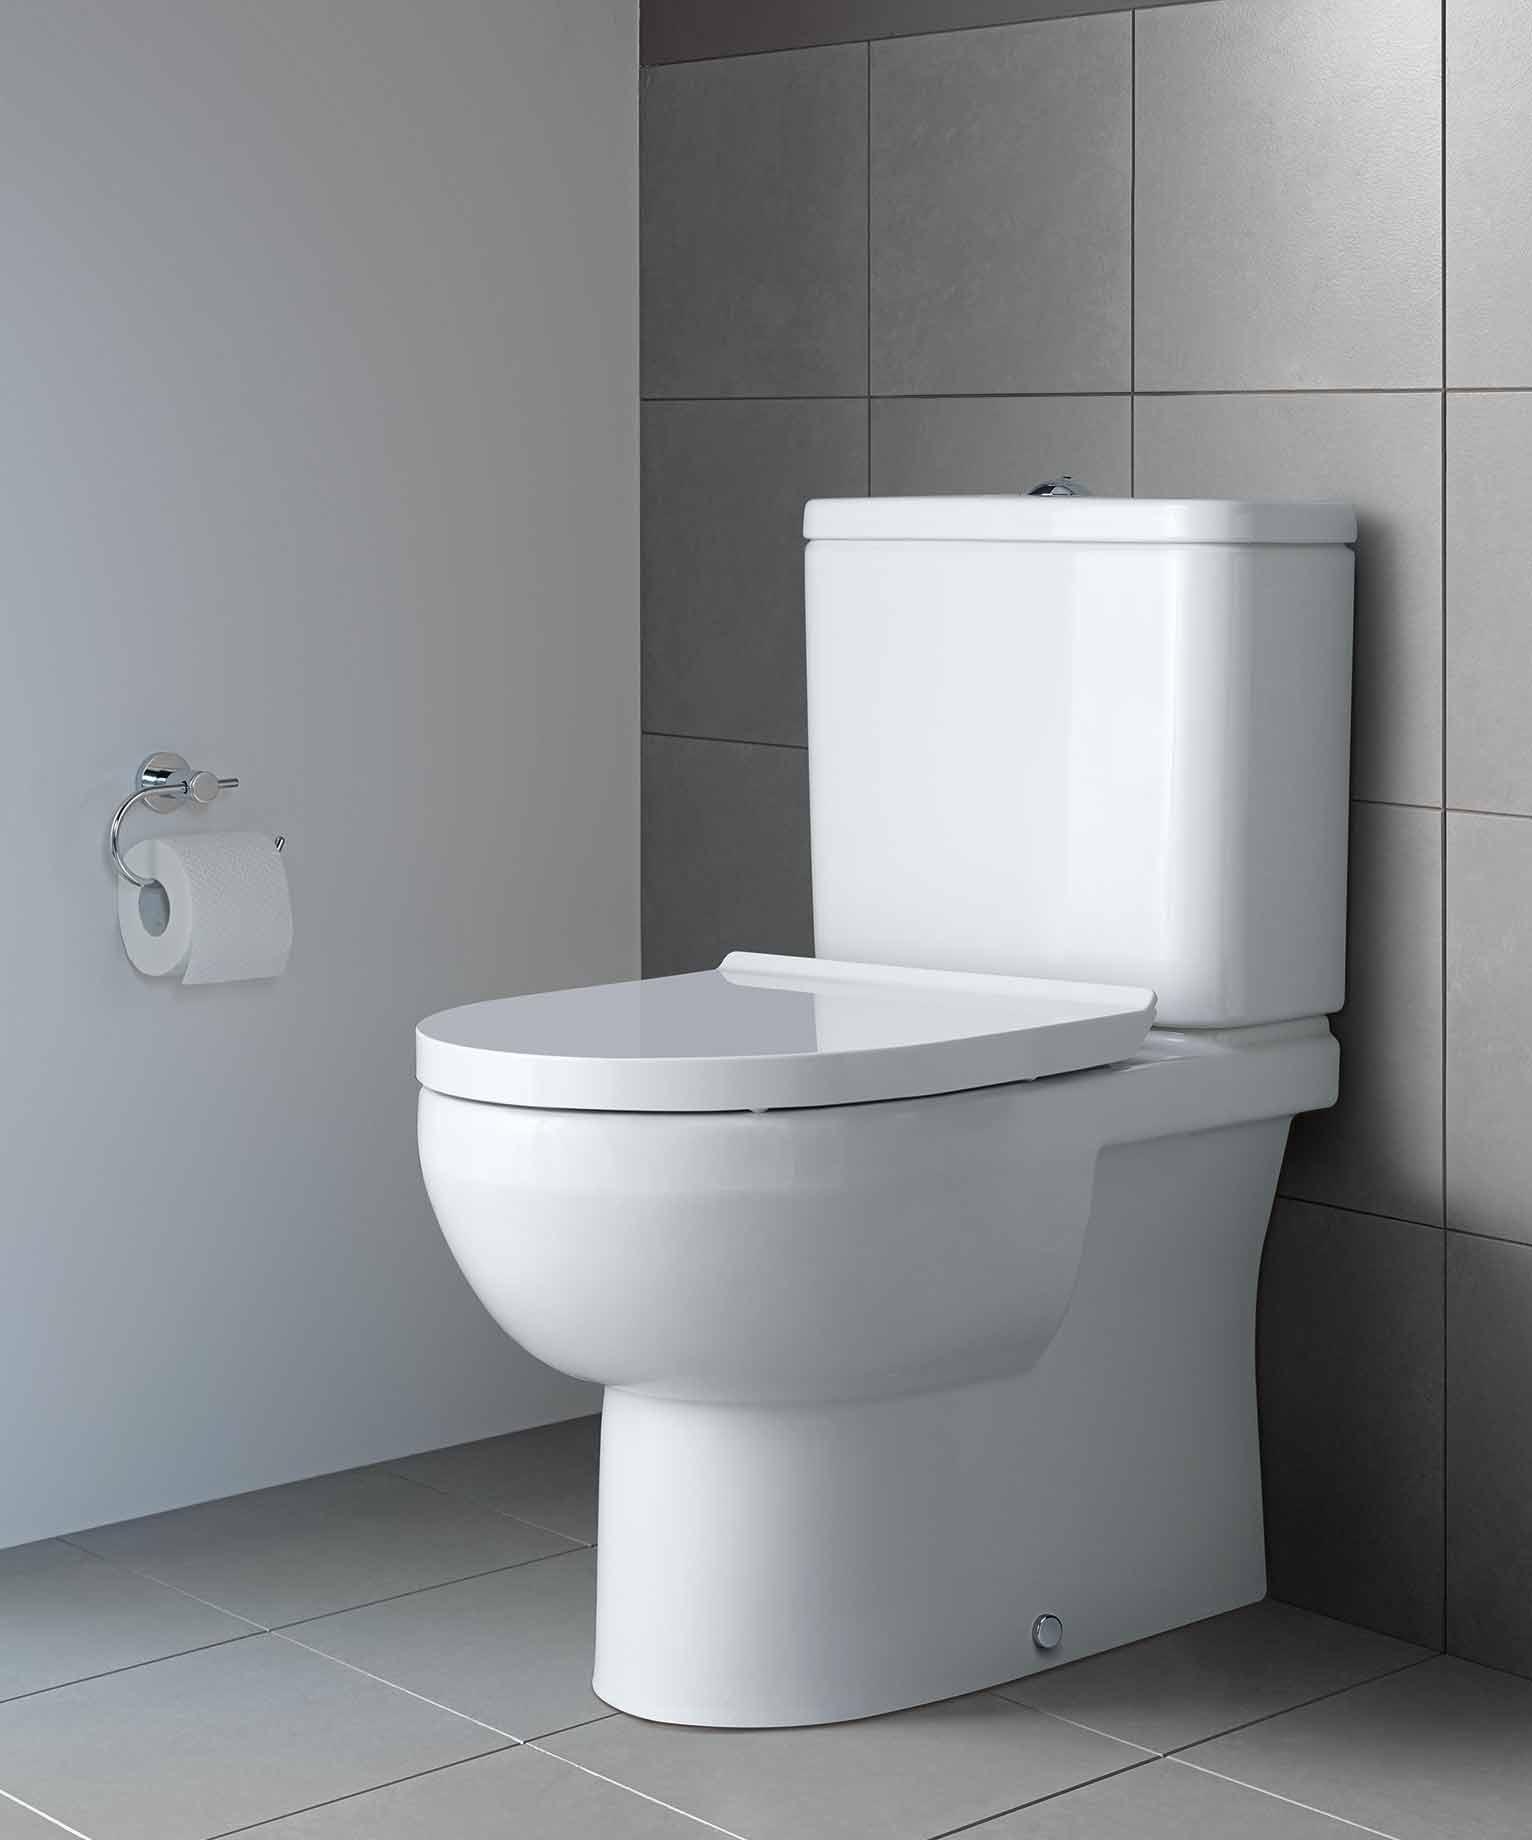 Häufig Drei bodenstehende Renovierungs-WCs ohne Spülrand neu von Duravit QL57